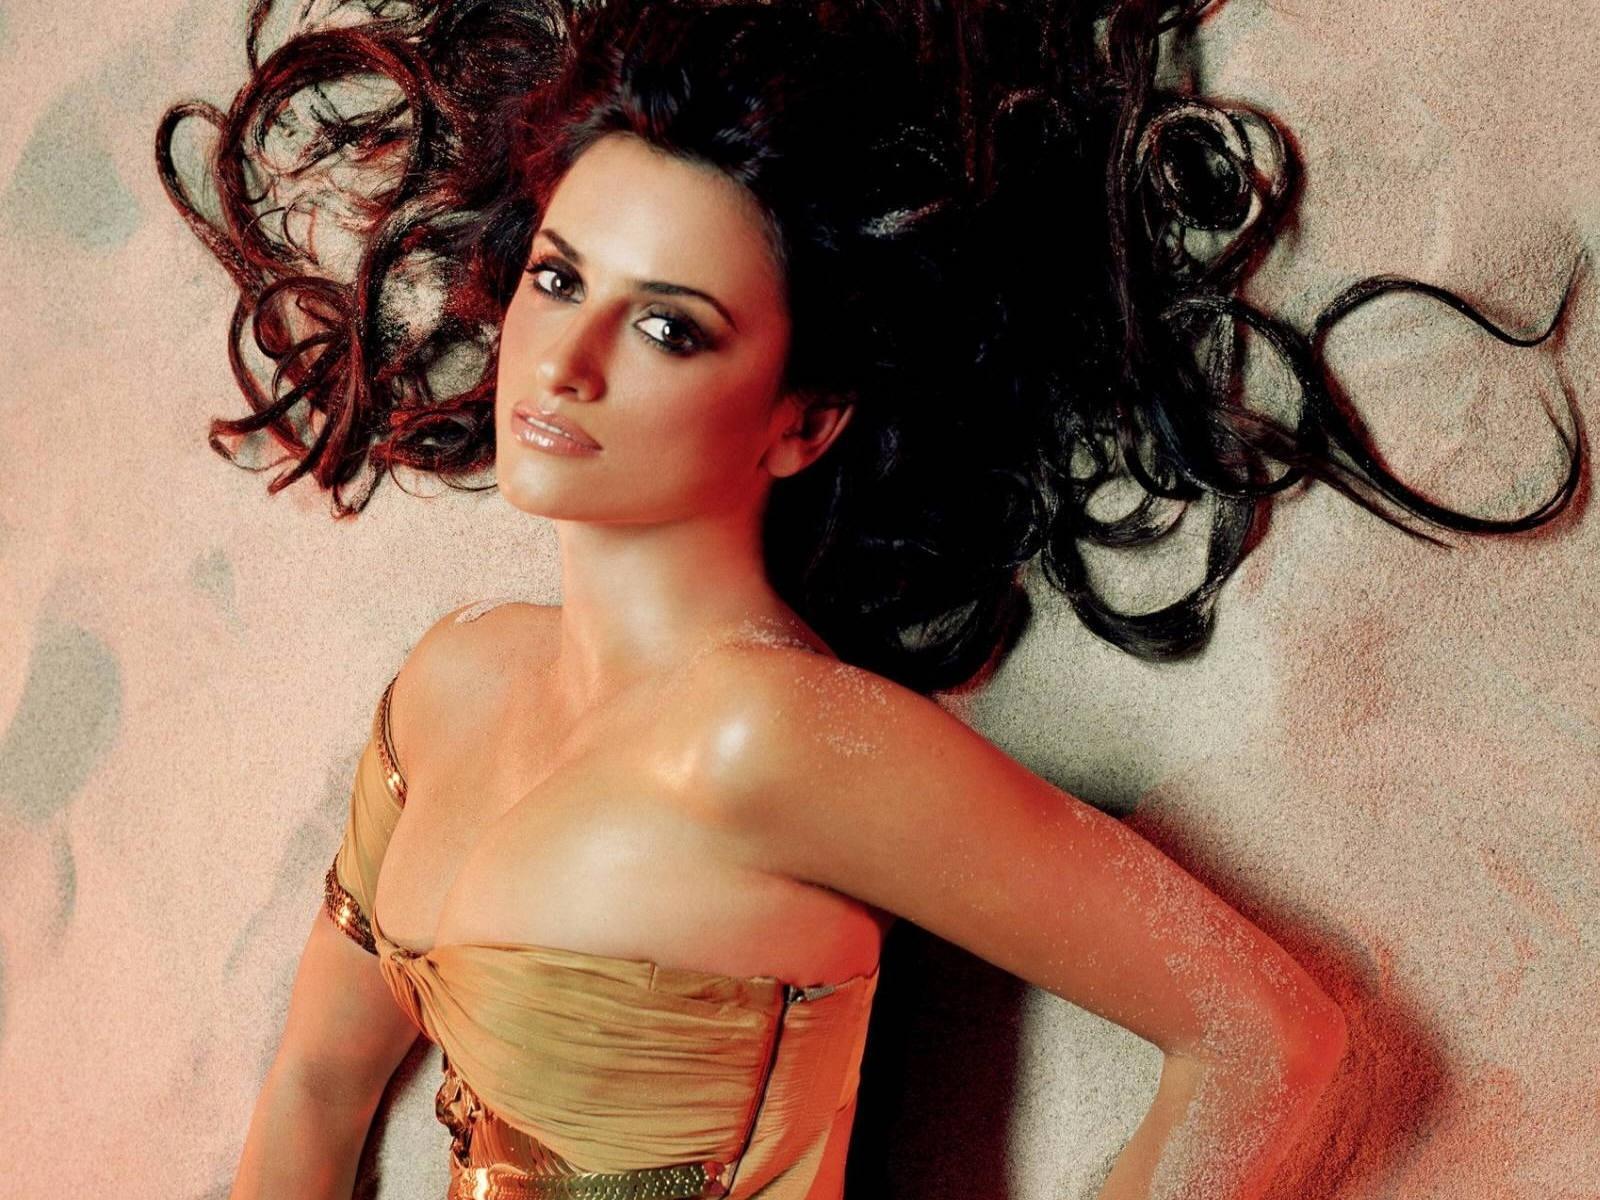 Wallpaper - i lunghi e seducenti capelli corvini di Penelope Cruz sono ormai parte del suo successo